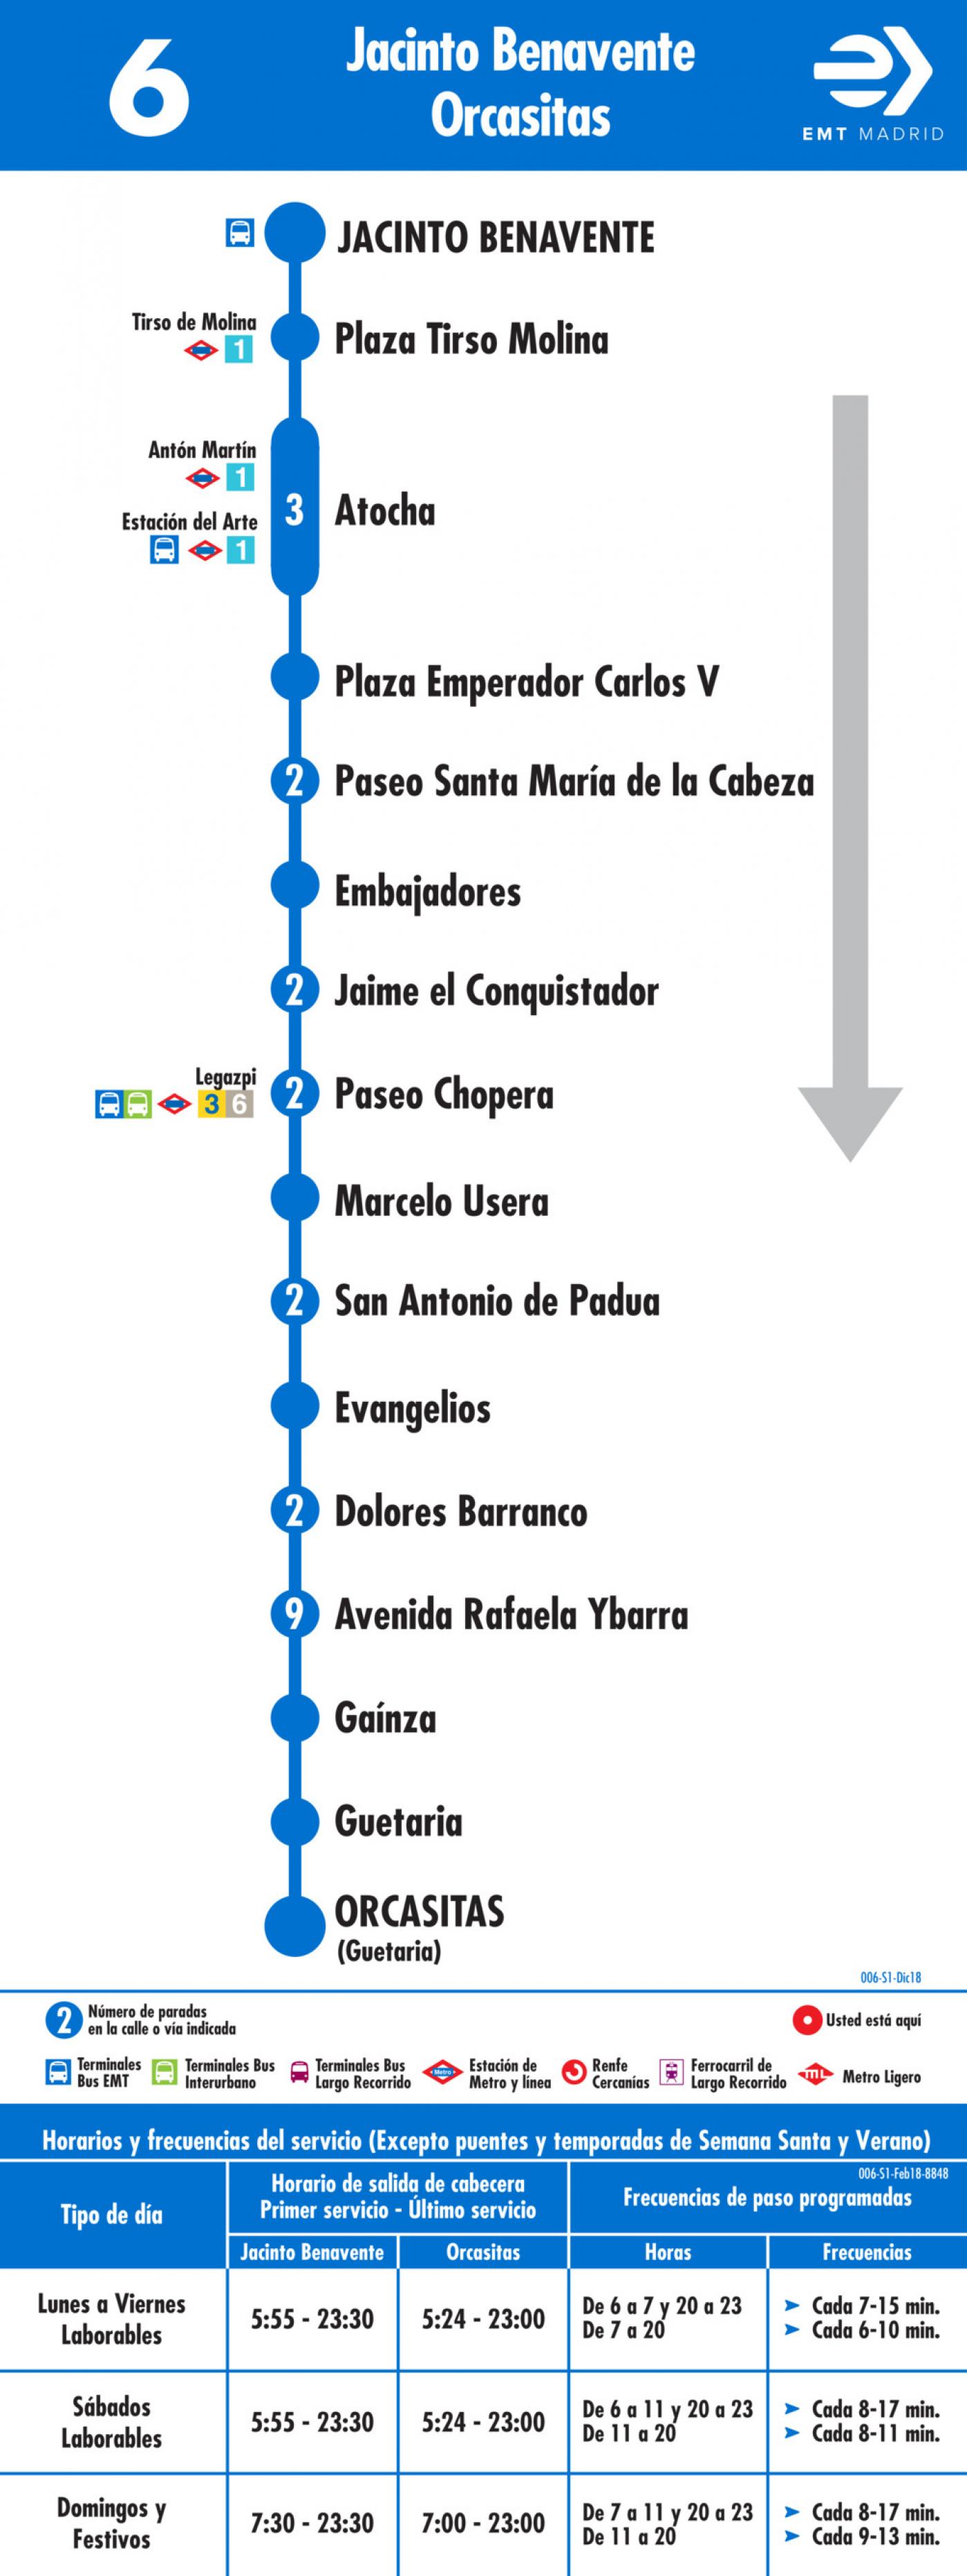 Tabla de horarios y frecuencias de paso en sentido ida Línea 6: Plaza de Benavente - Orcasitas